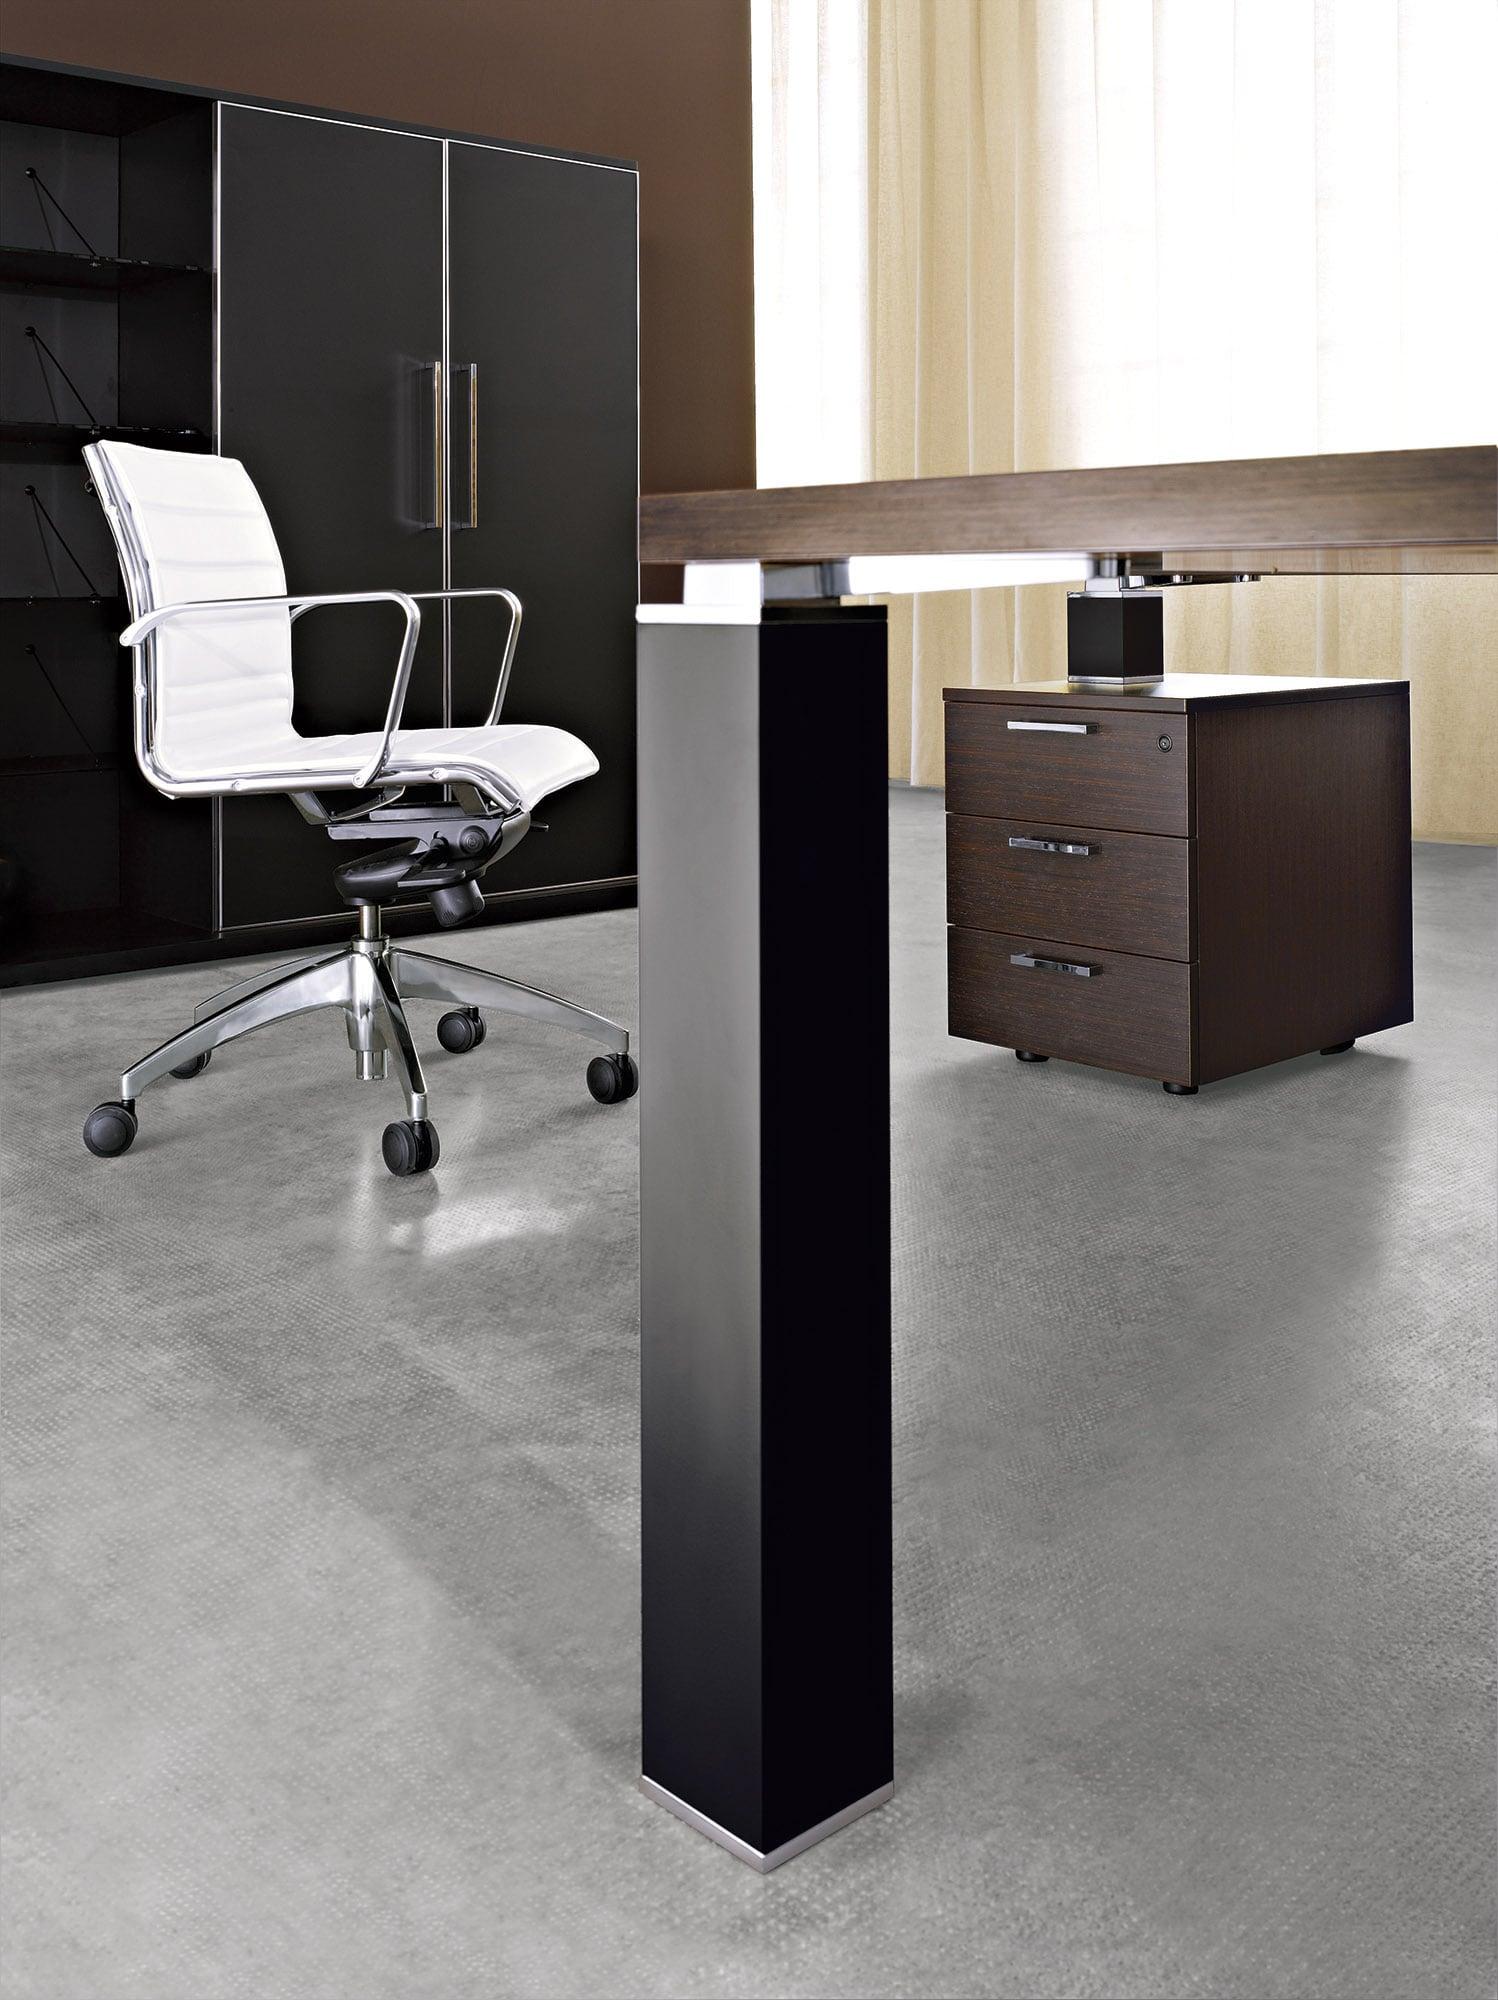 Vienkāršs un modulārs Tao vadīāja galds ar metāla vai koka kājām